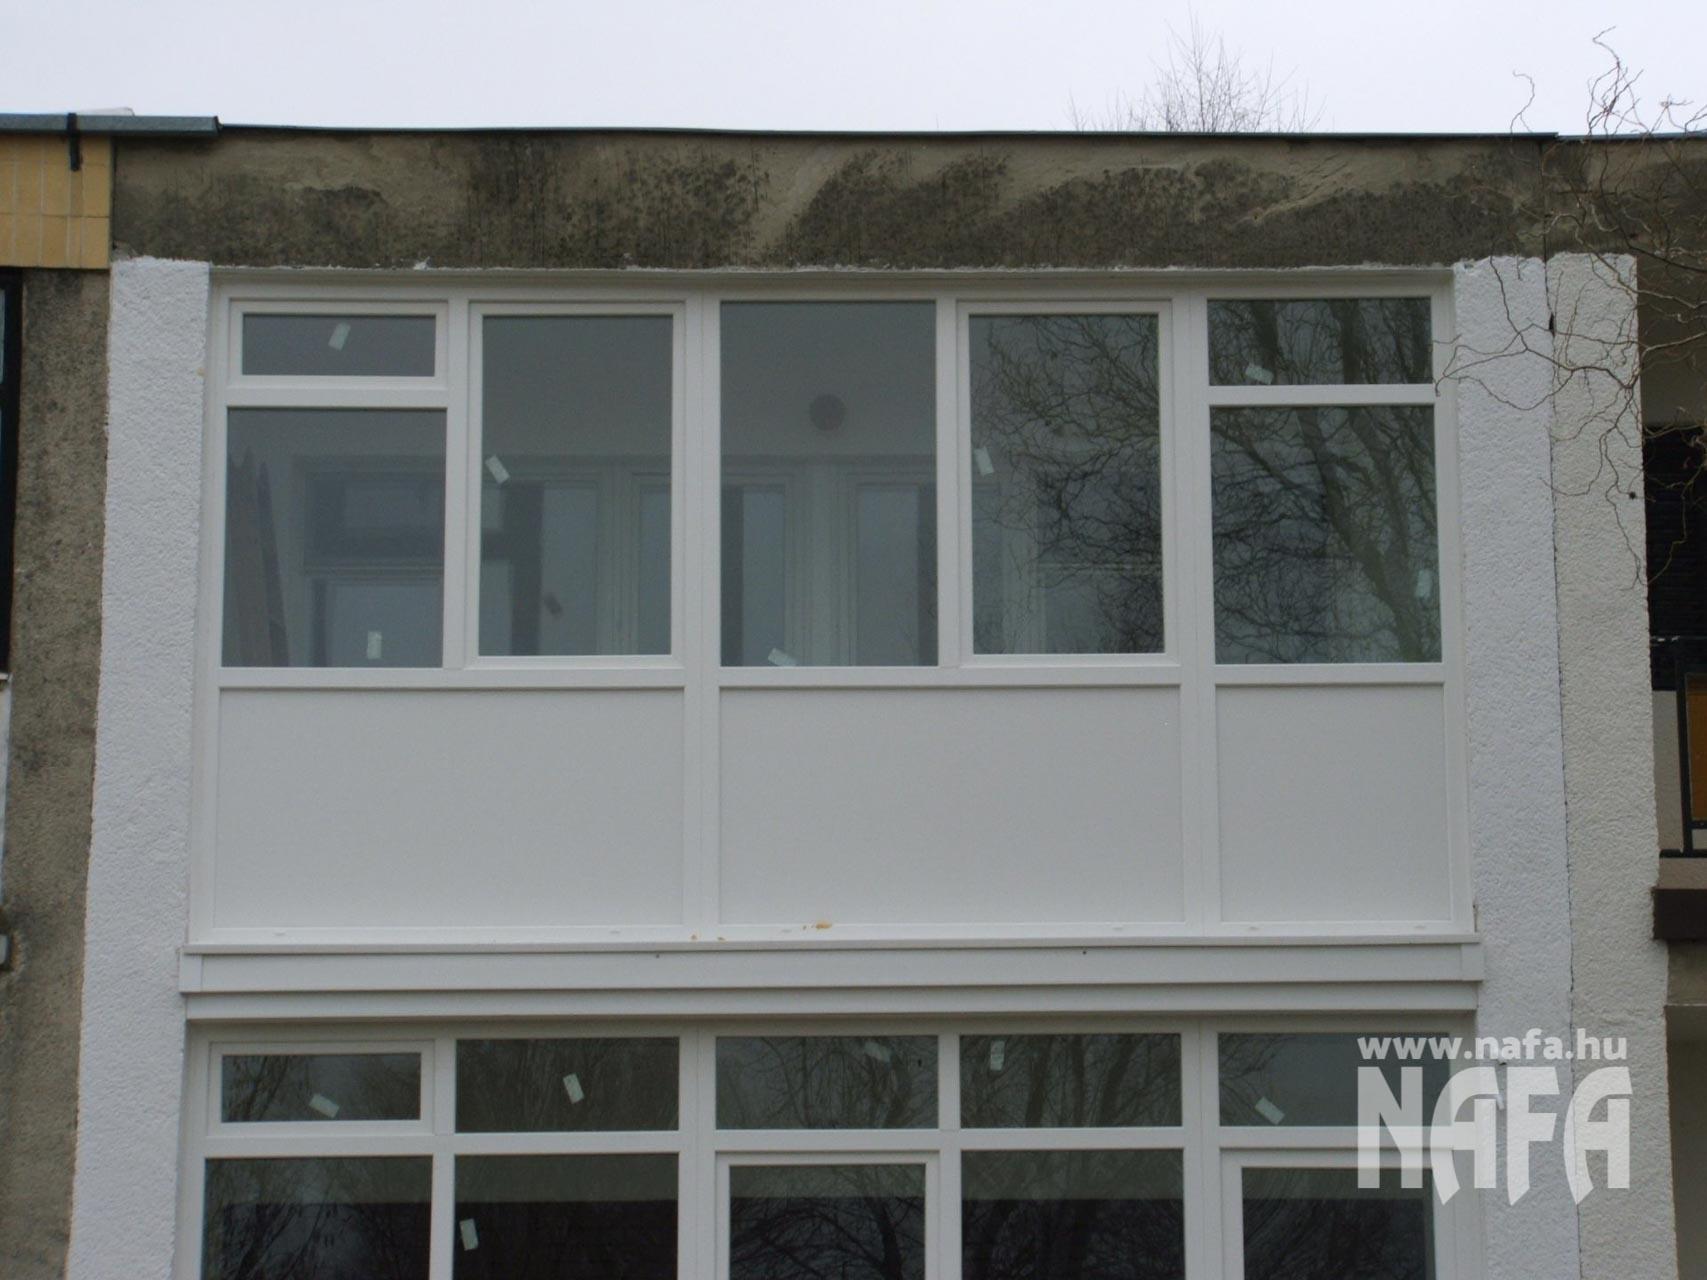 Műanyag nyílászárók, egyedi ablakok és ajtók, Pécs Nyaraló